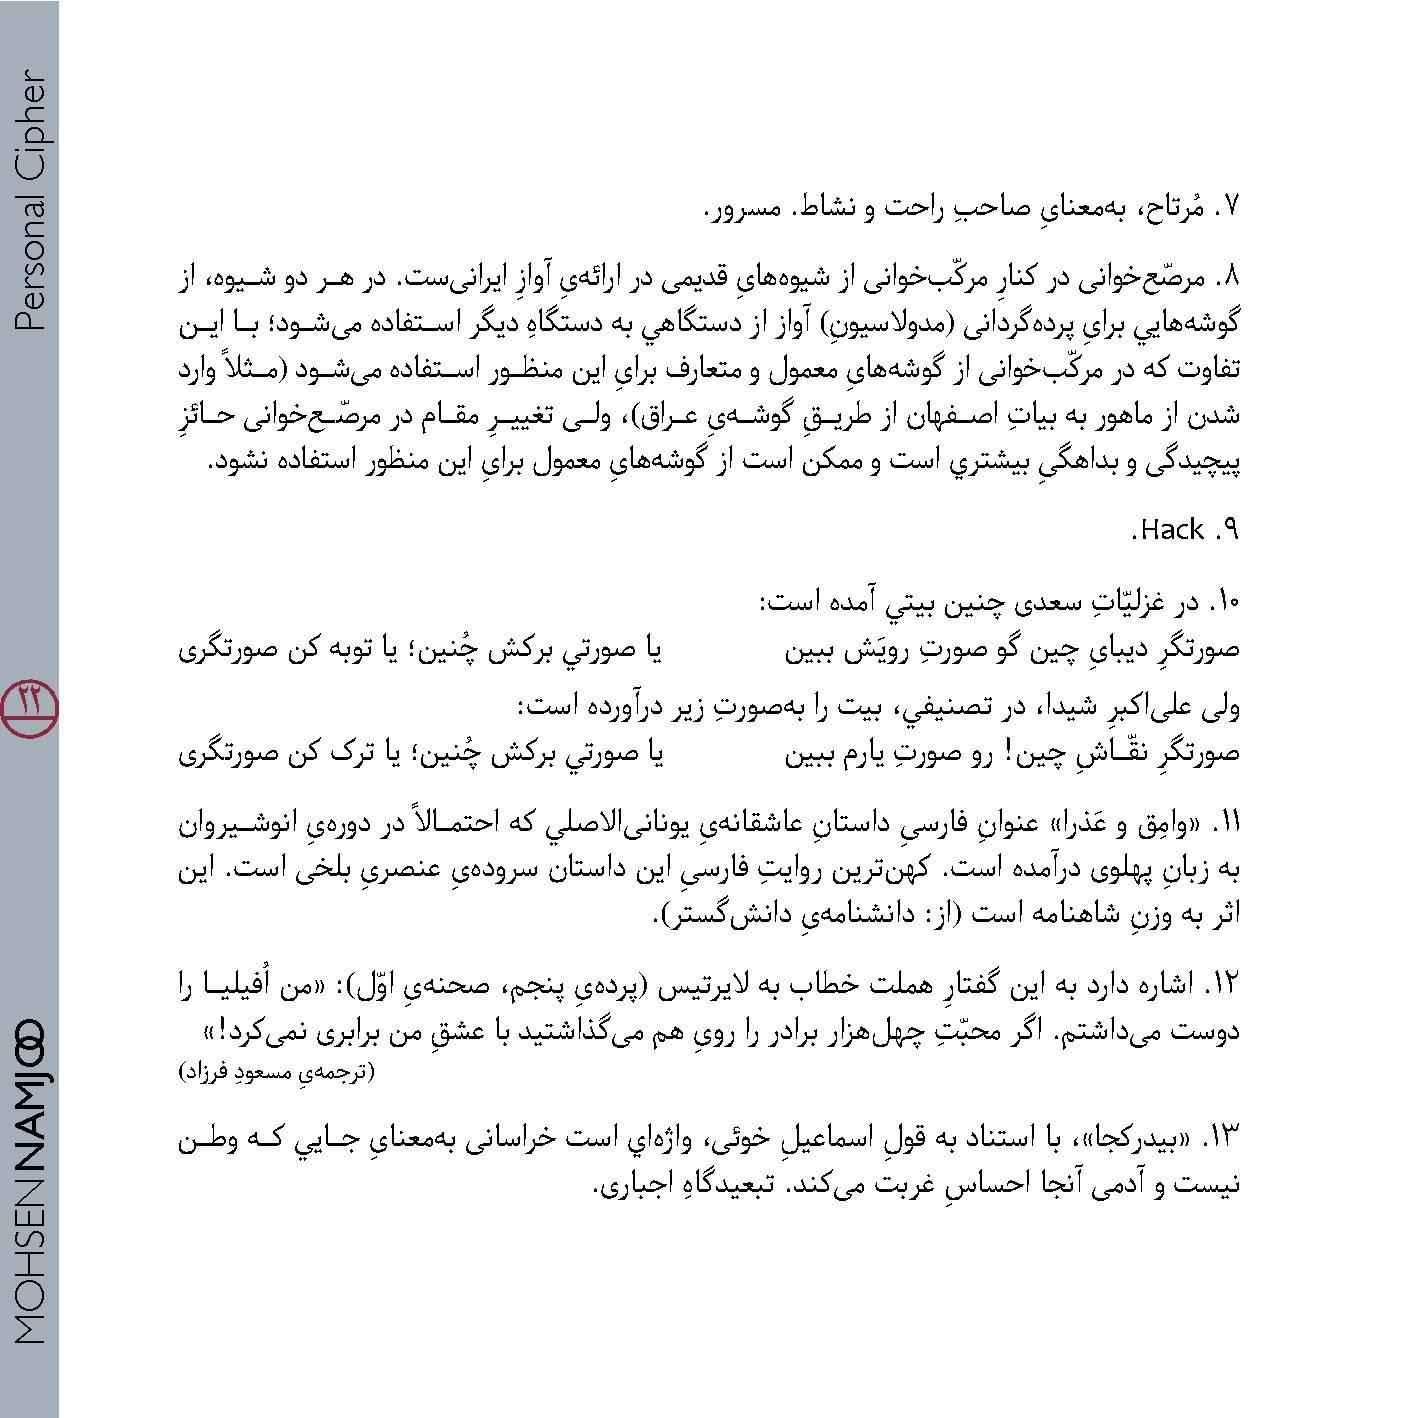 file-page22.jpg